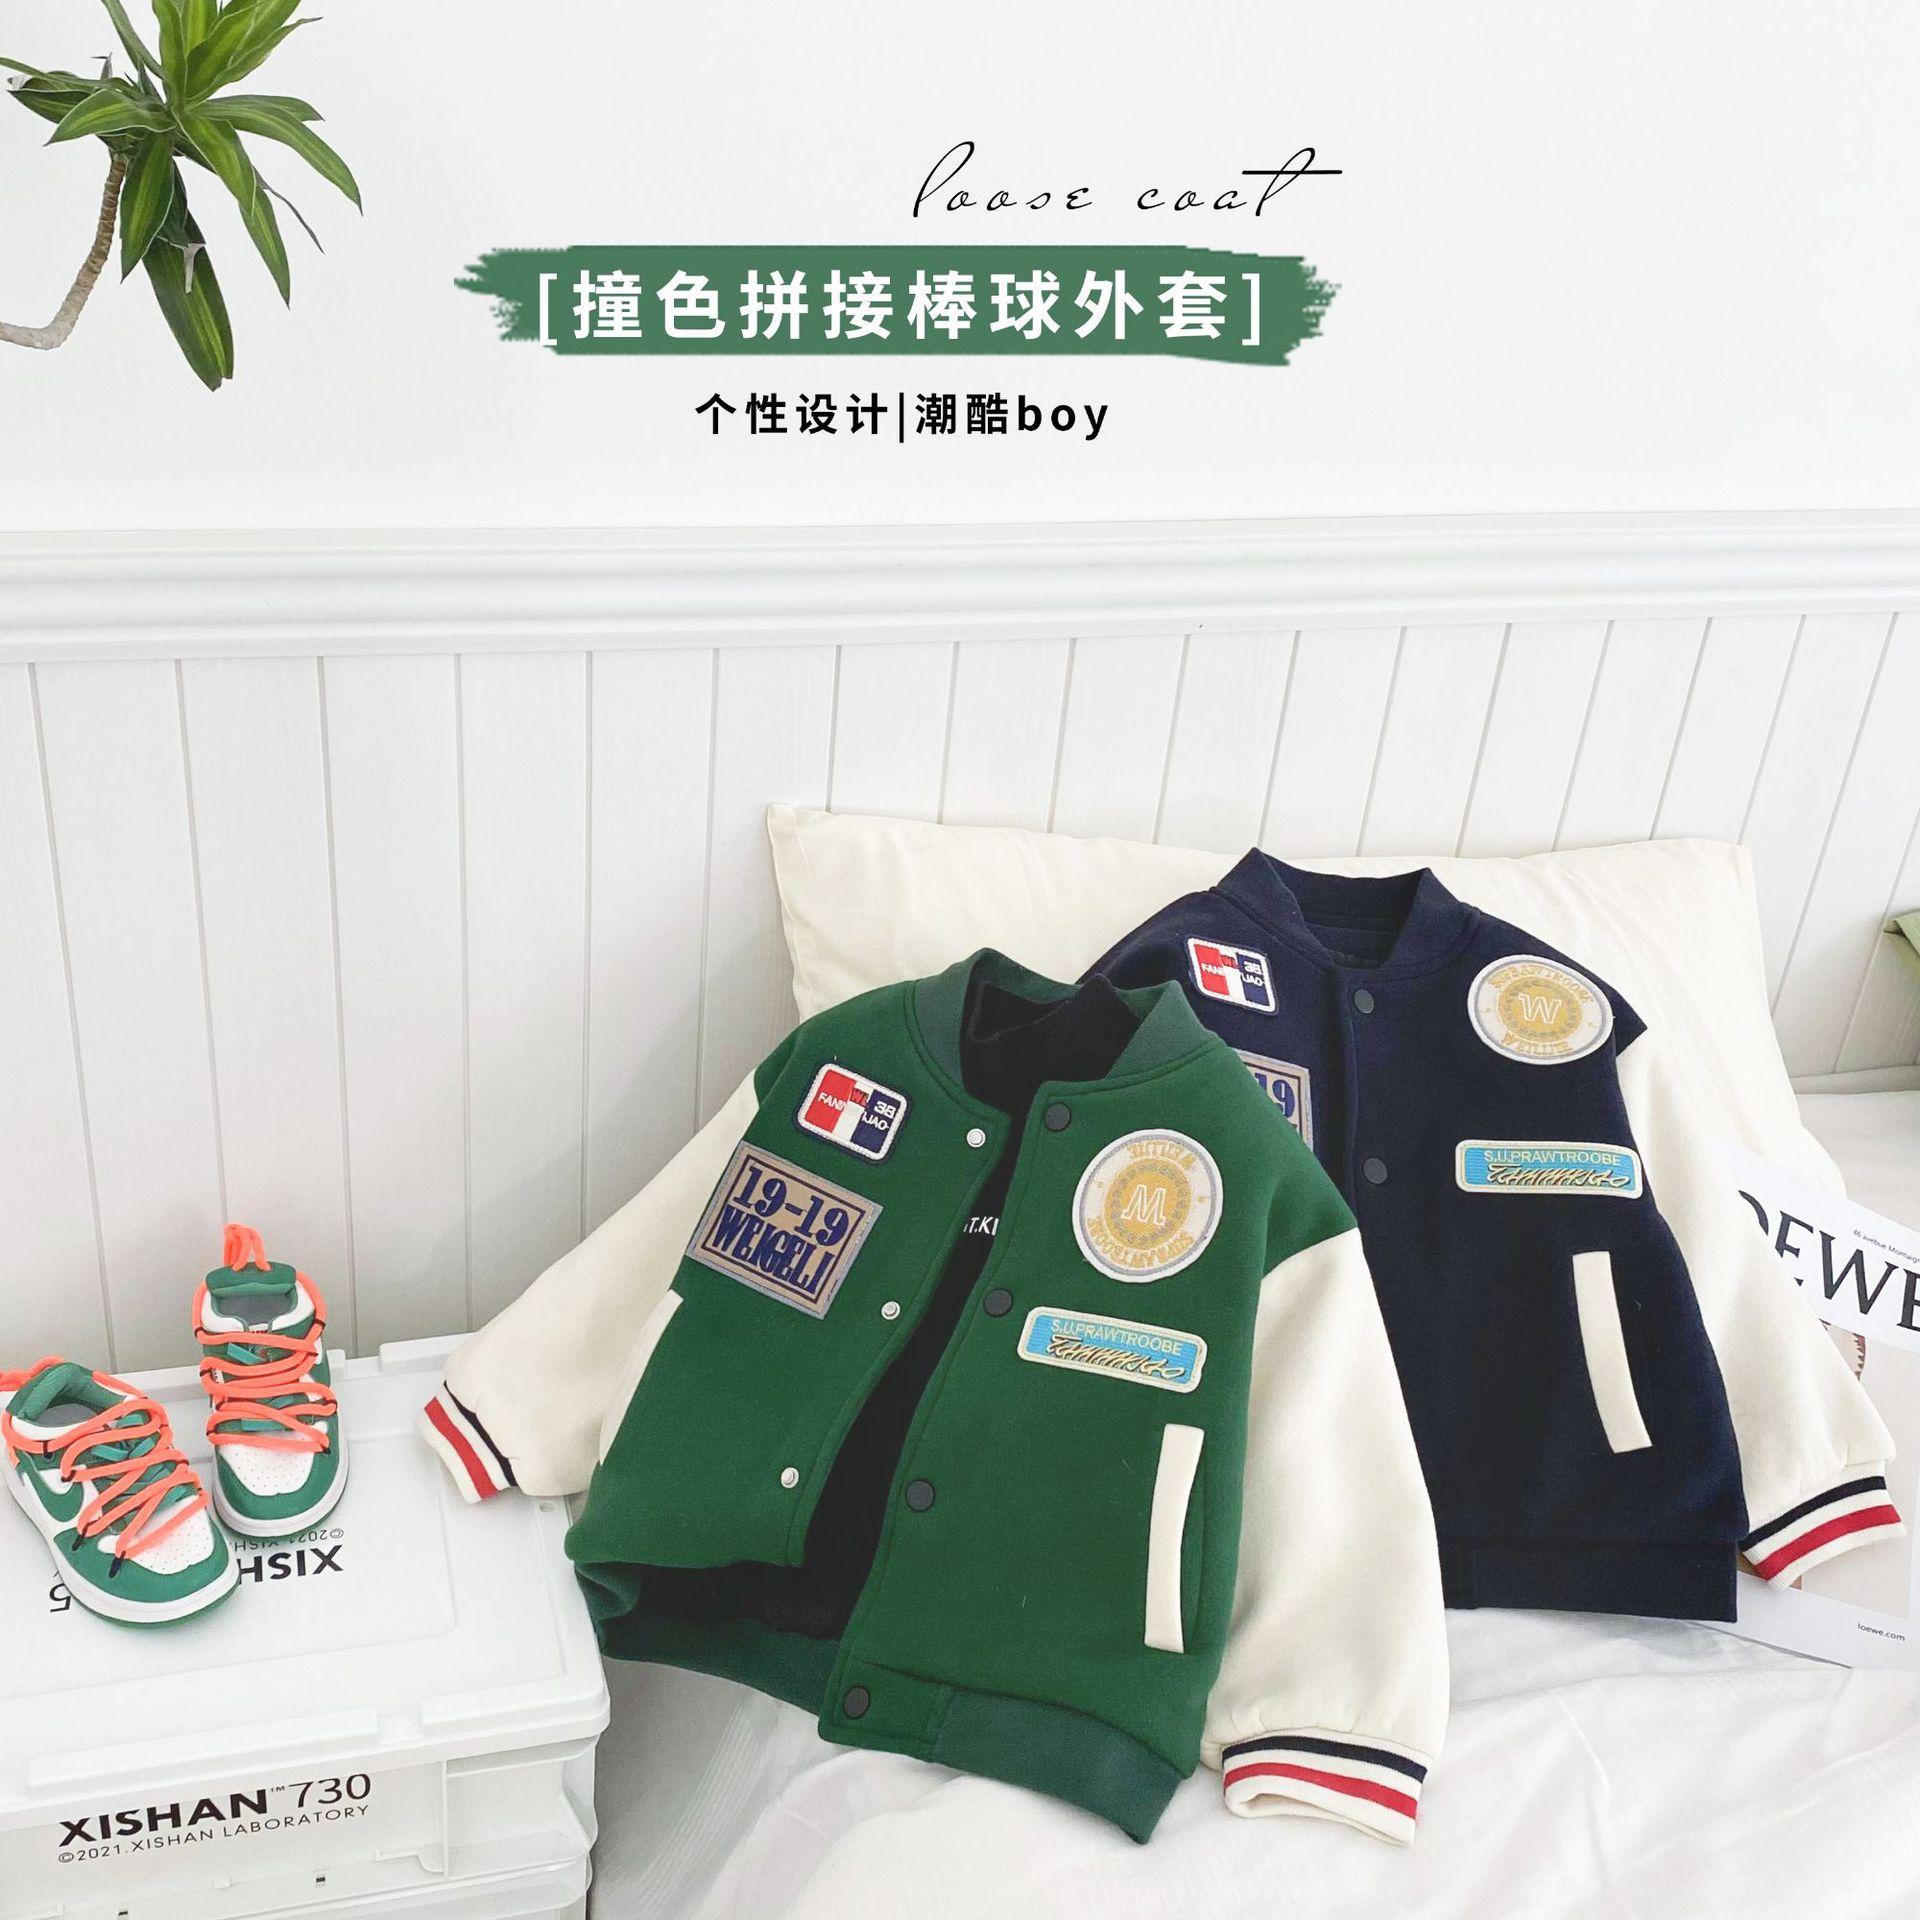 2021冬季新款男童外套韩版儿童冬装加厚贴标棒球服潮帅气一件代发